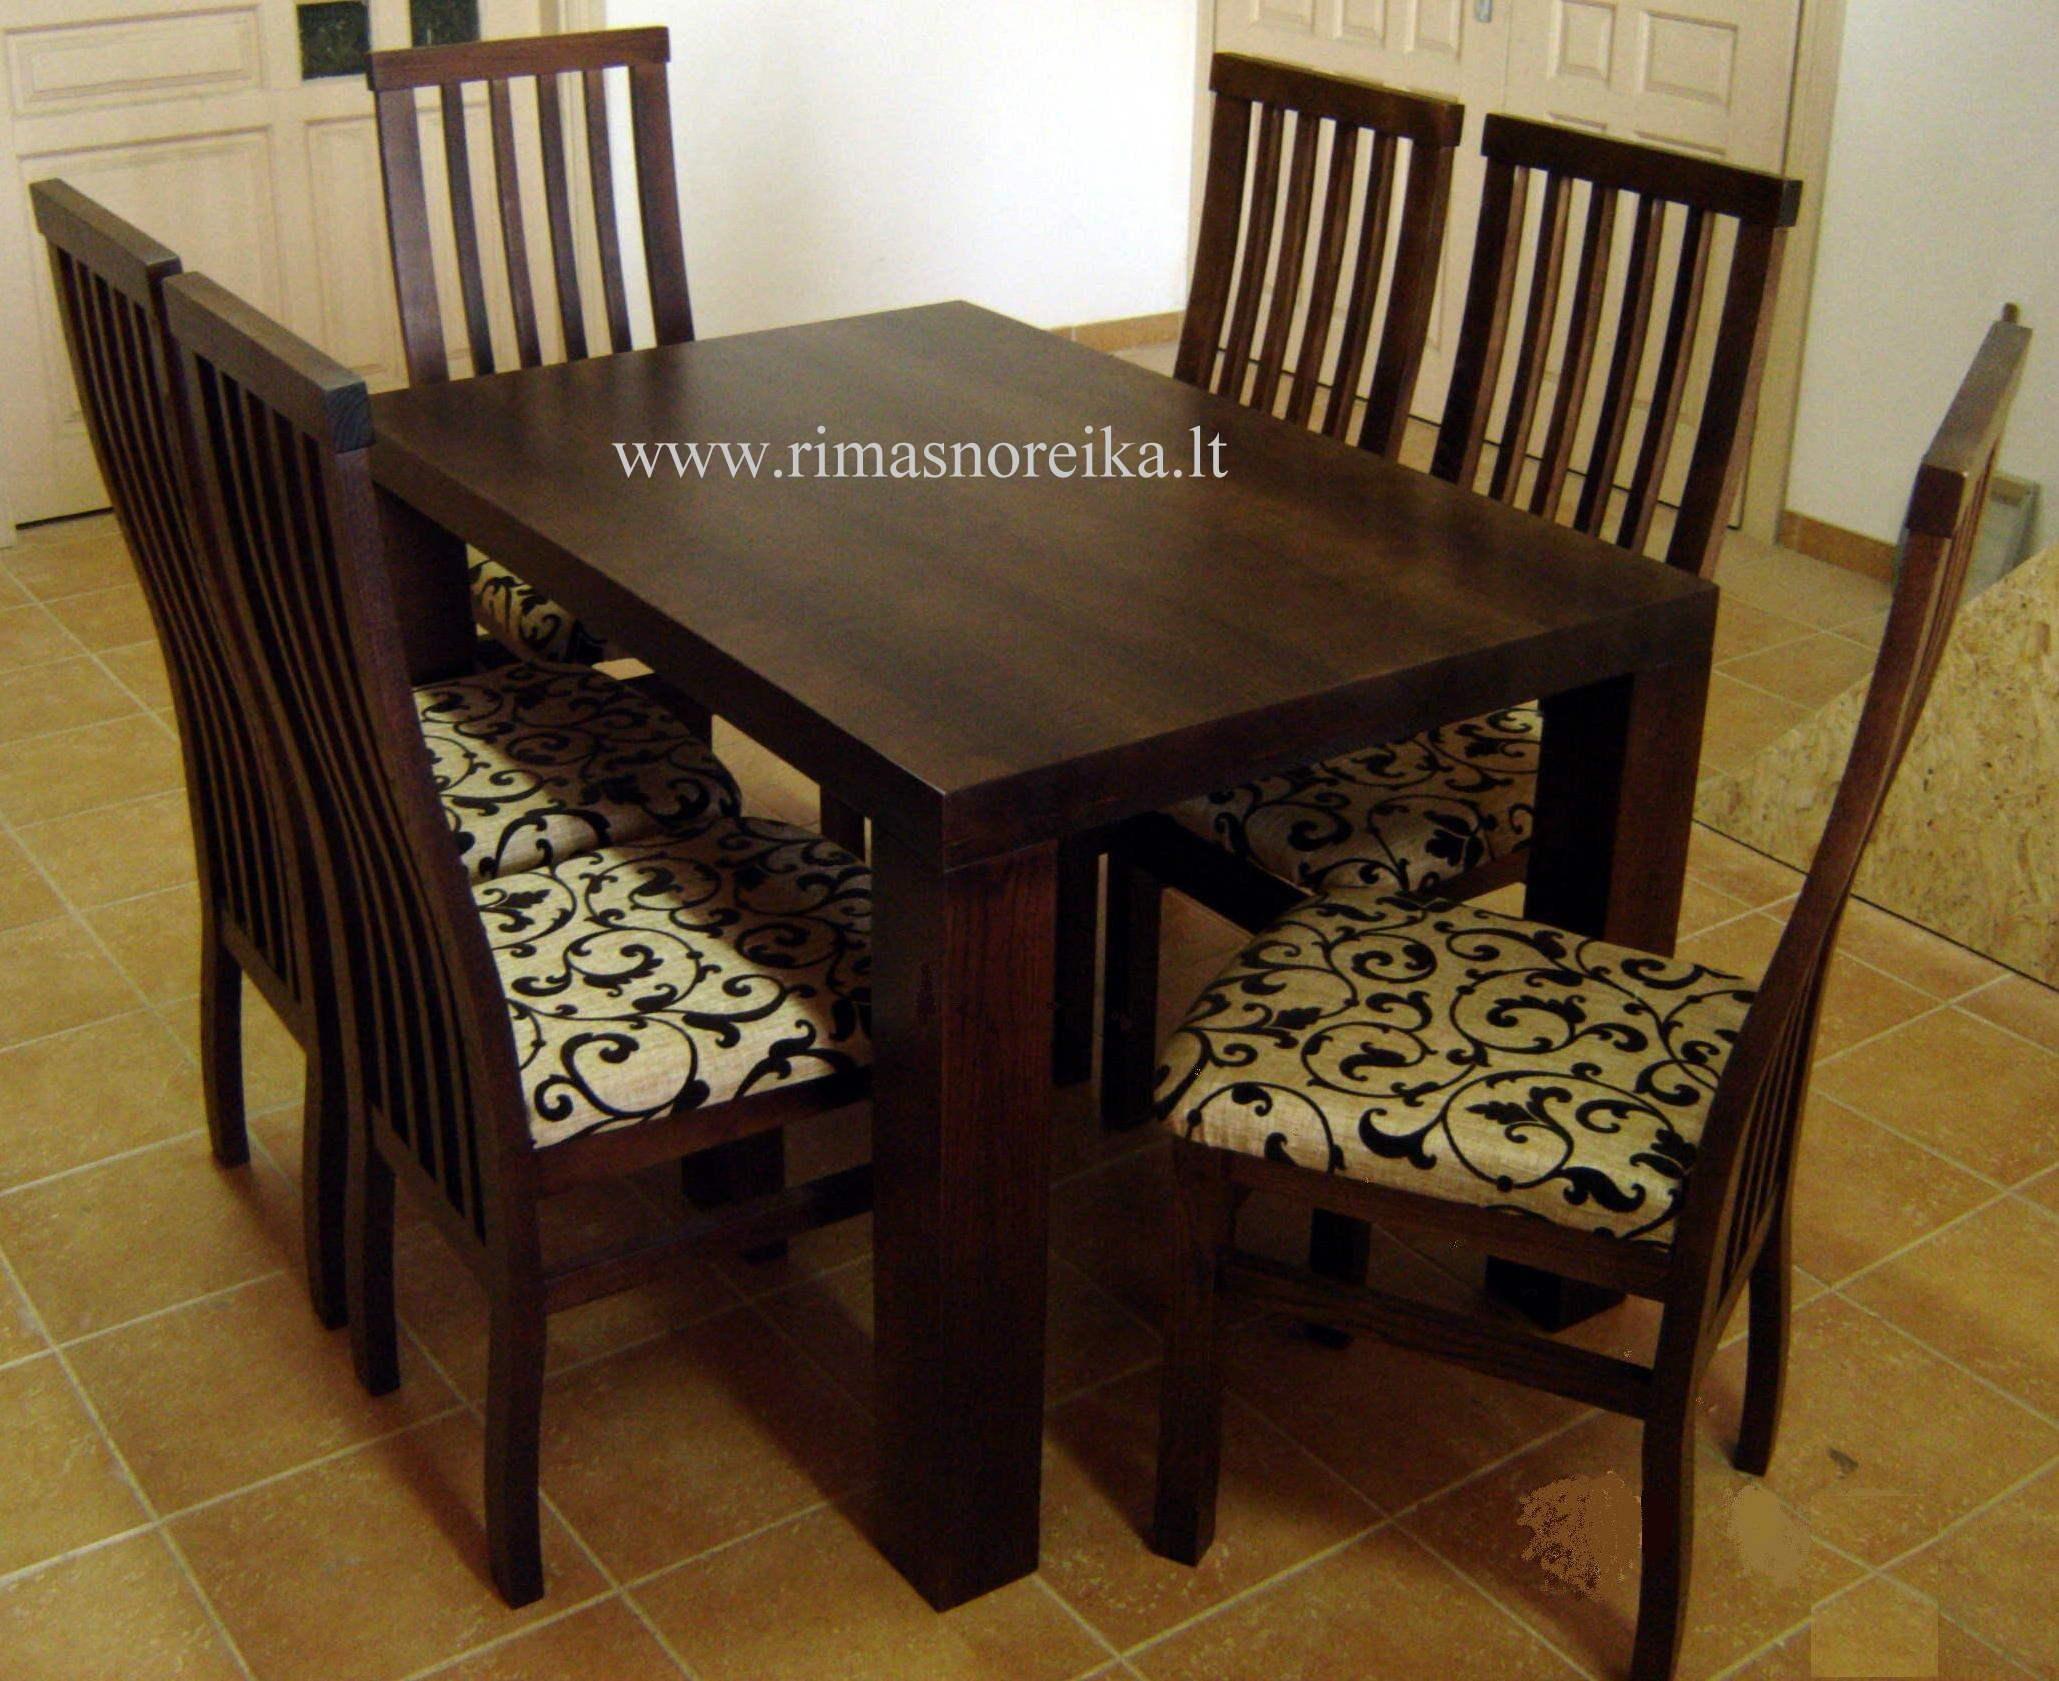 Acheter chaises salle manger for Acheter salle a manger